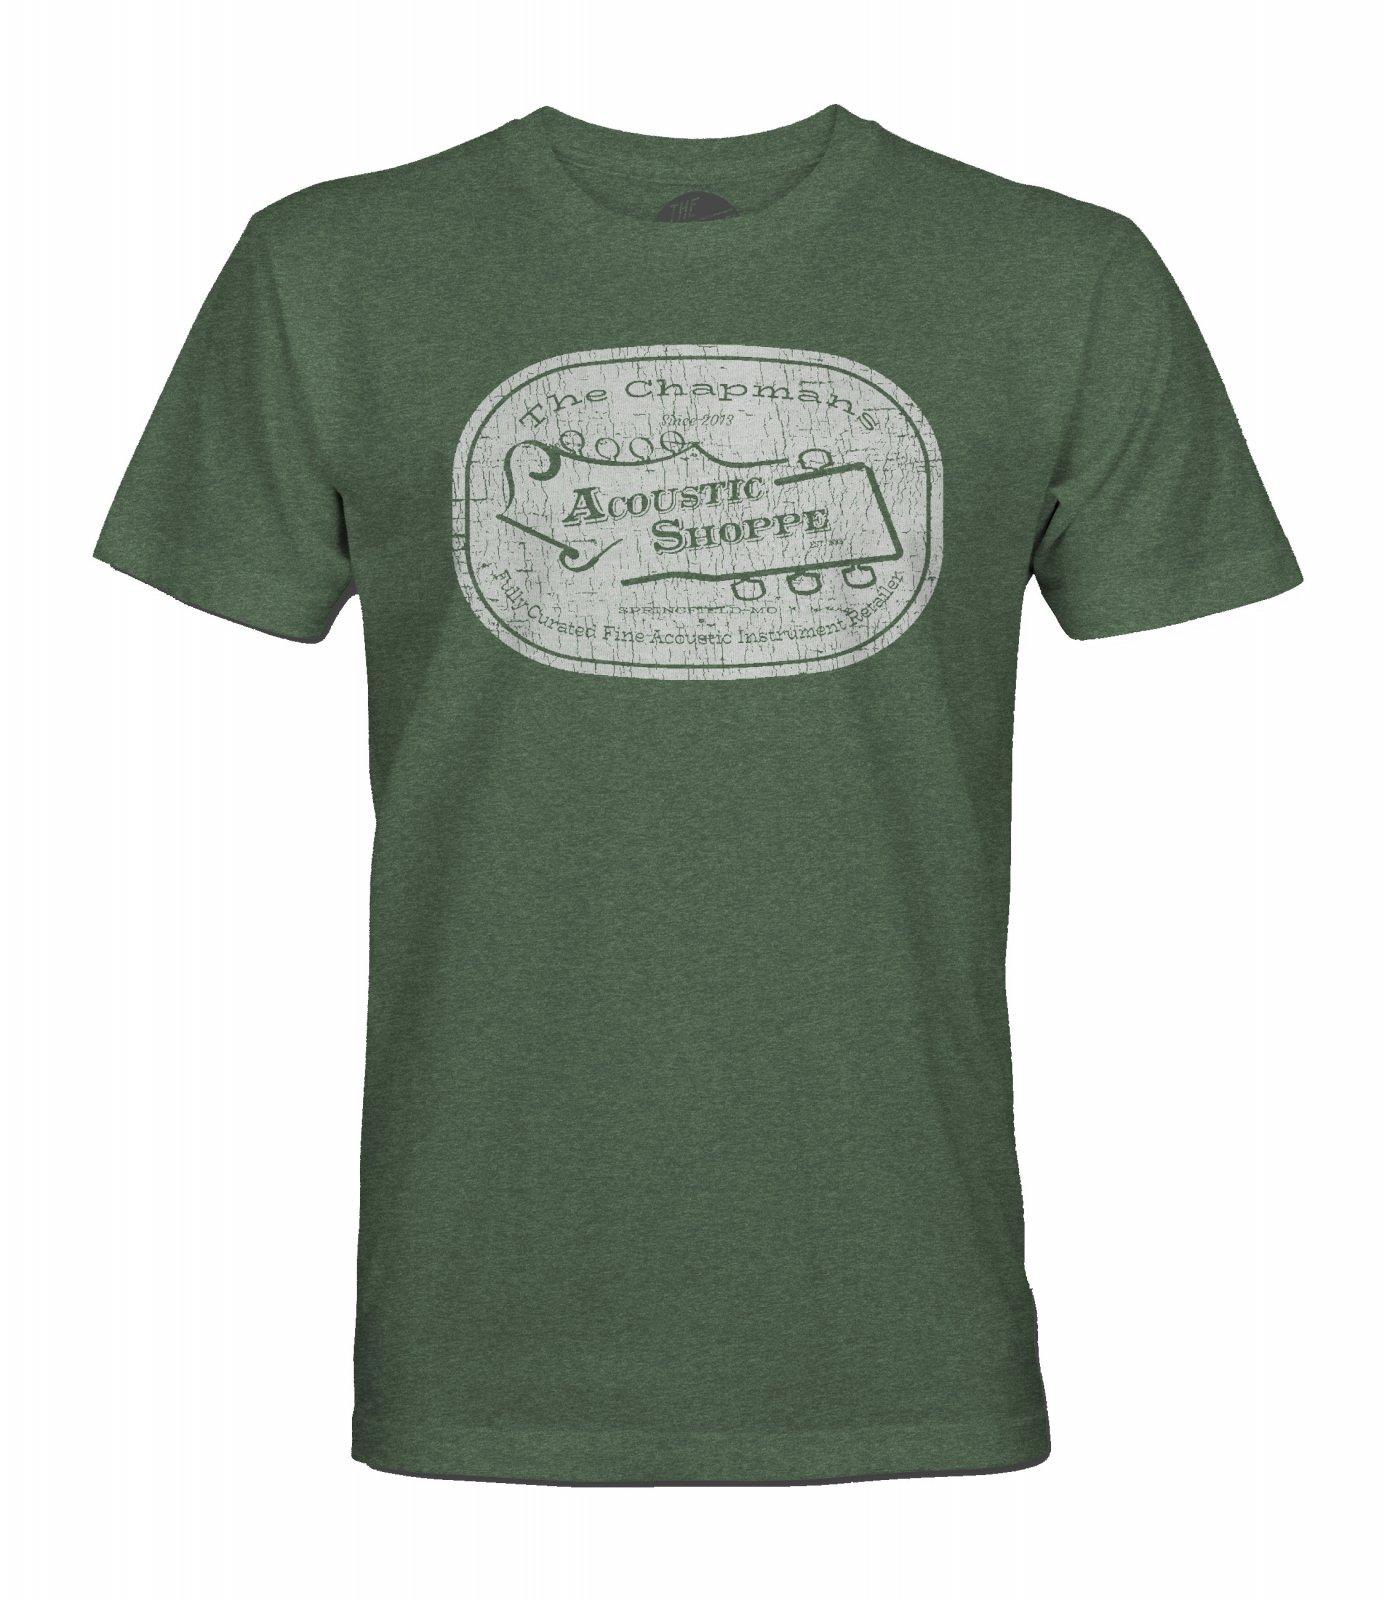 The Acoustic Shoppe Vintage Logo Design T-Shirt